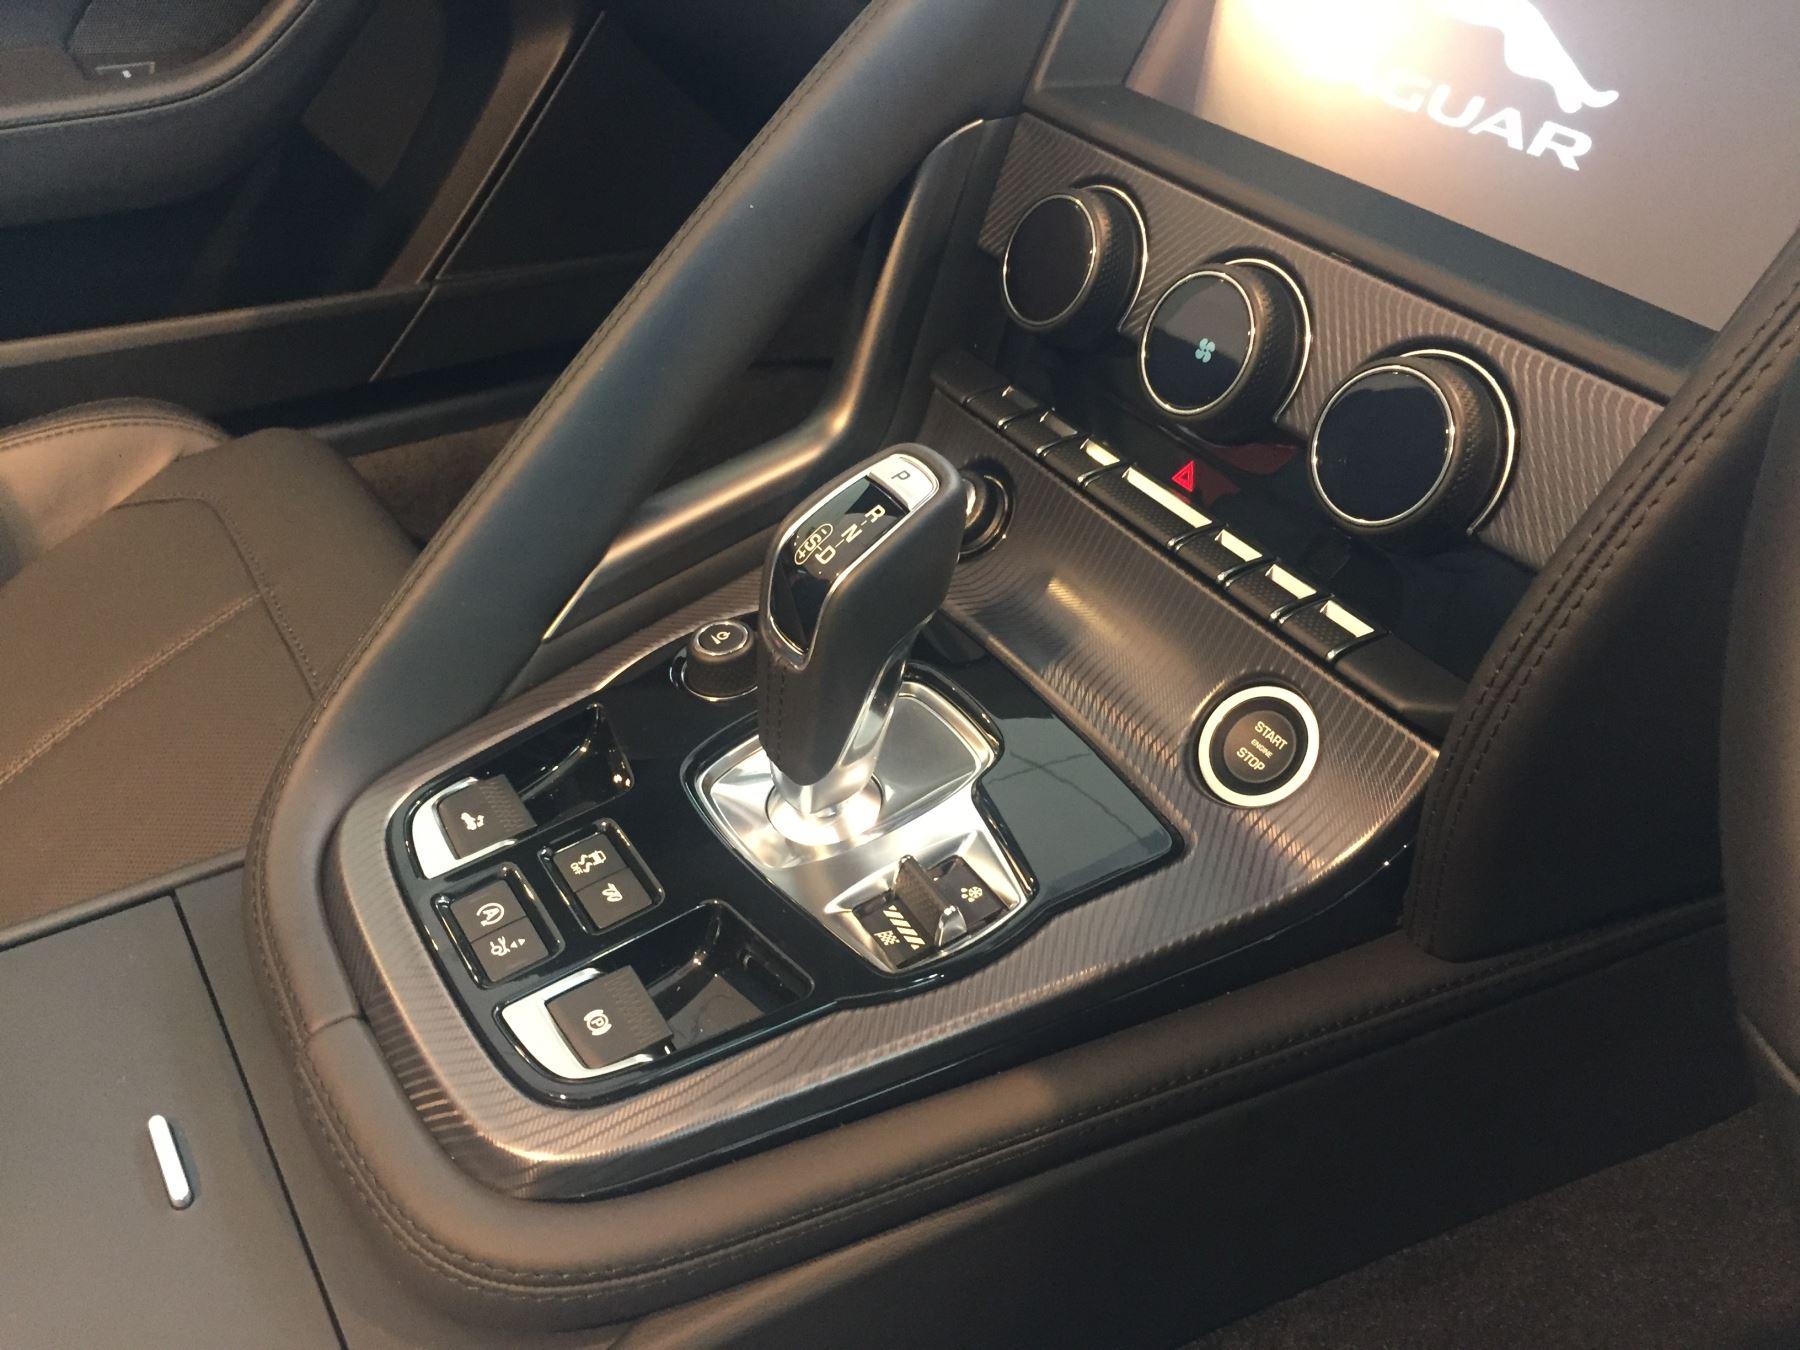 Jaguar F-TYPE 5.0 P450 Supercharged V8 R-Dynamic image 10